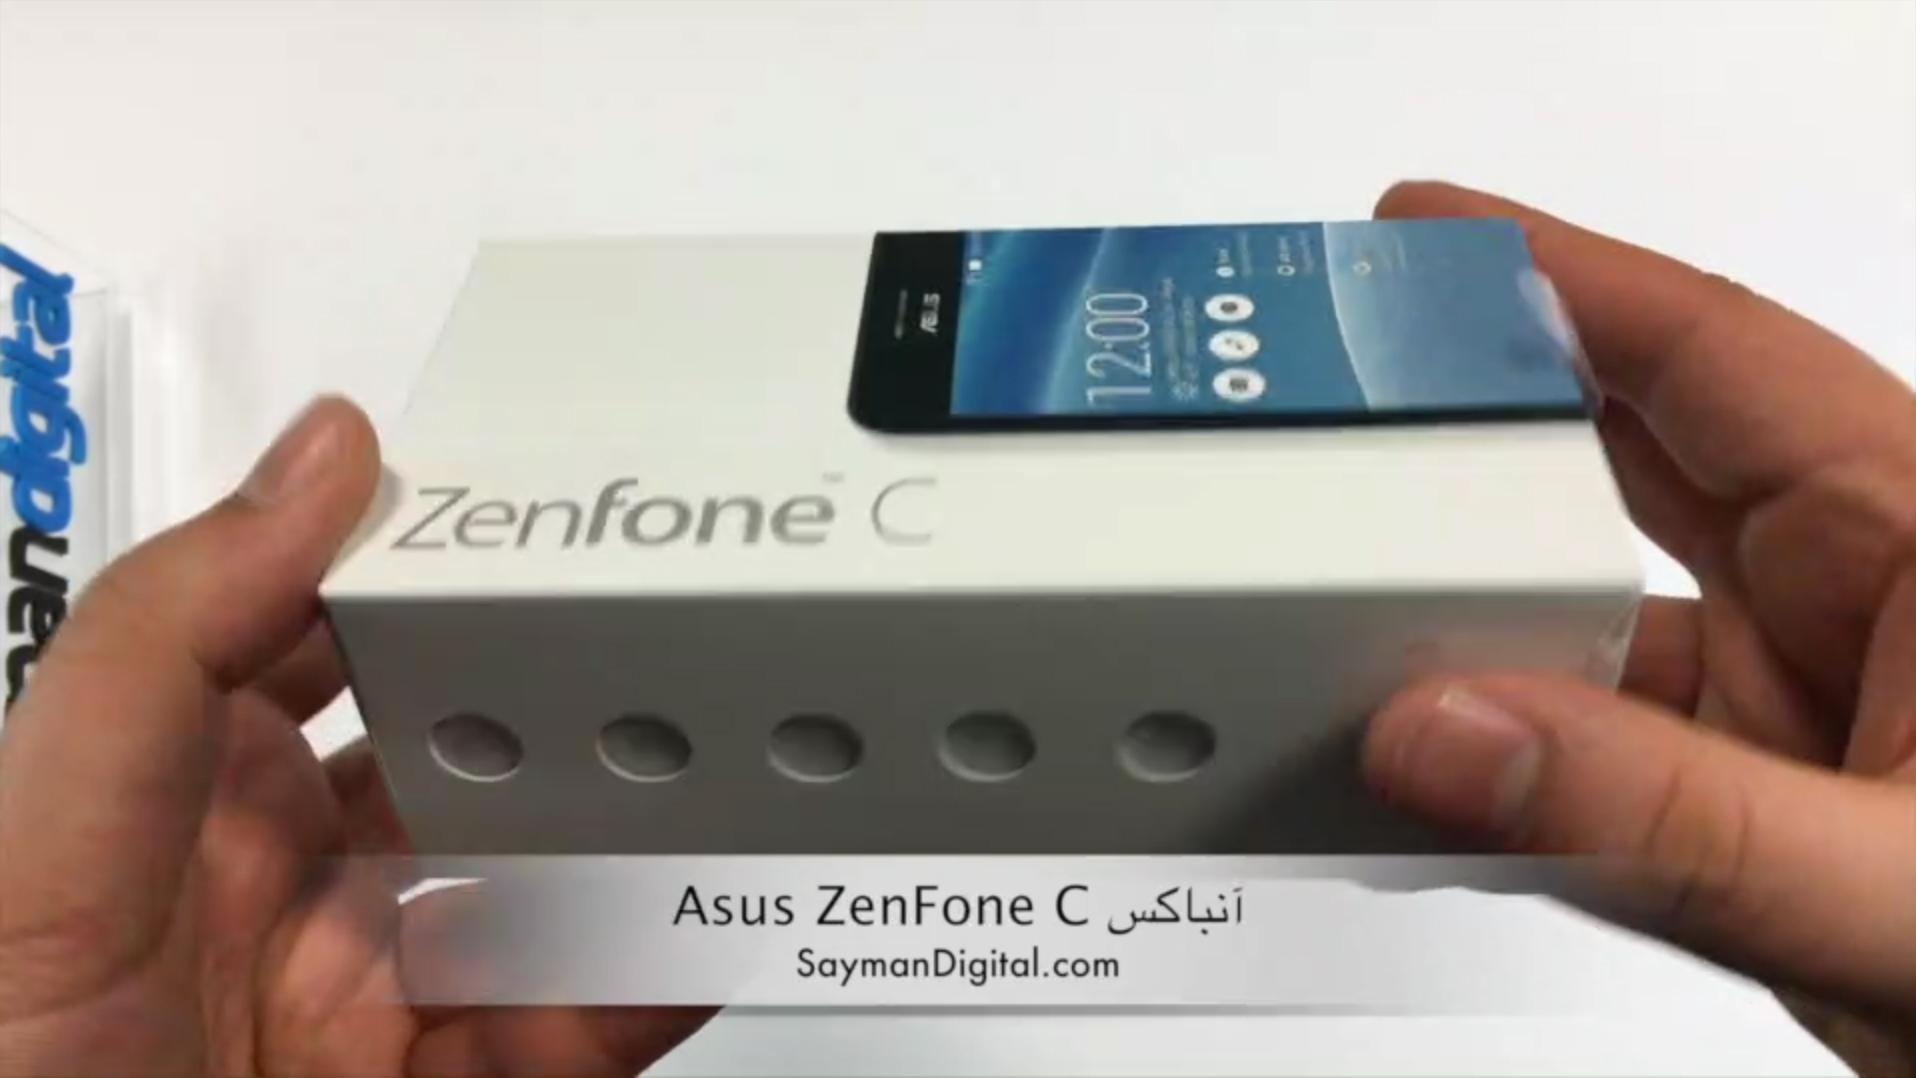 zenfone-C